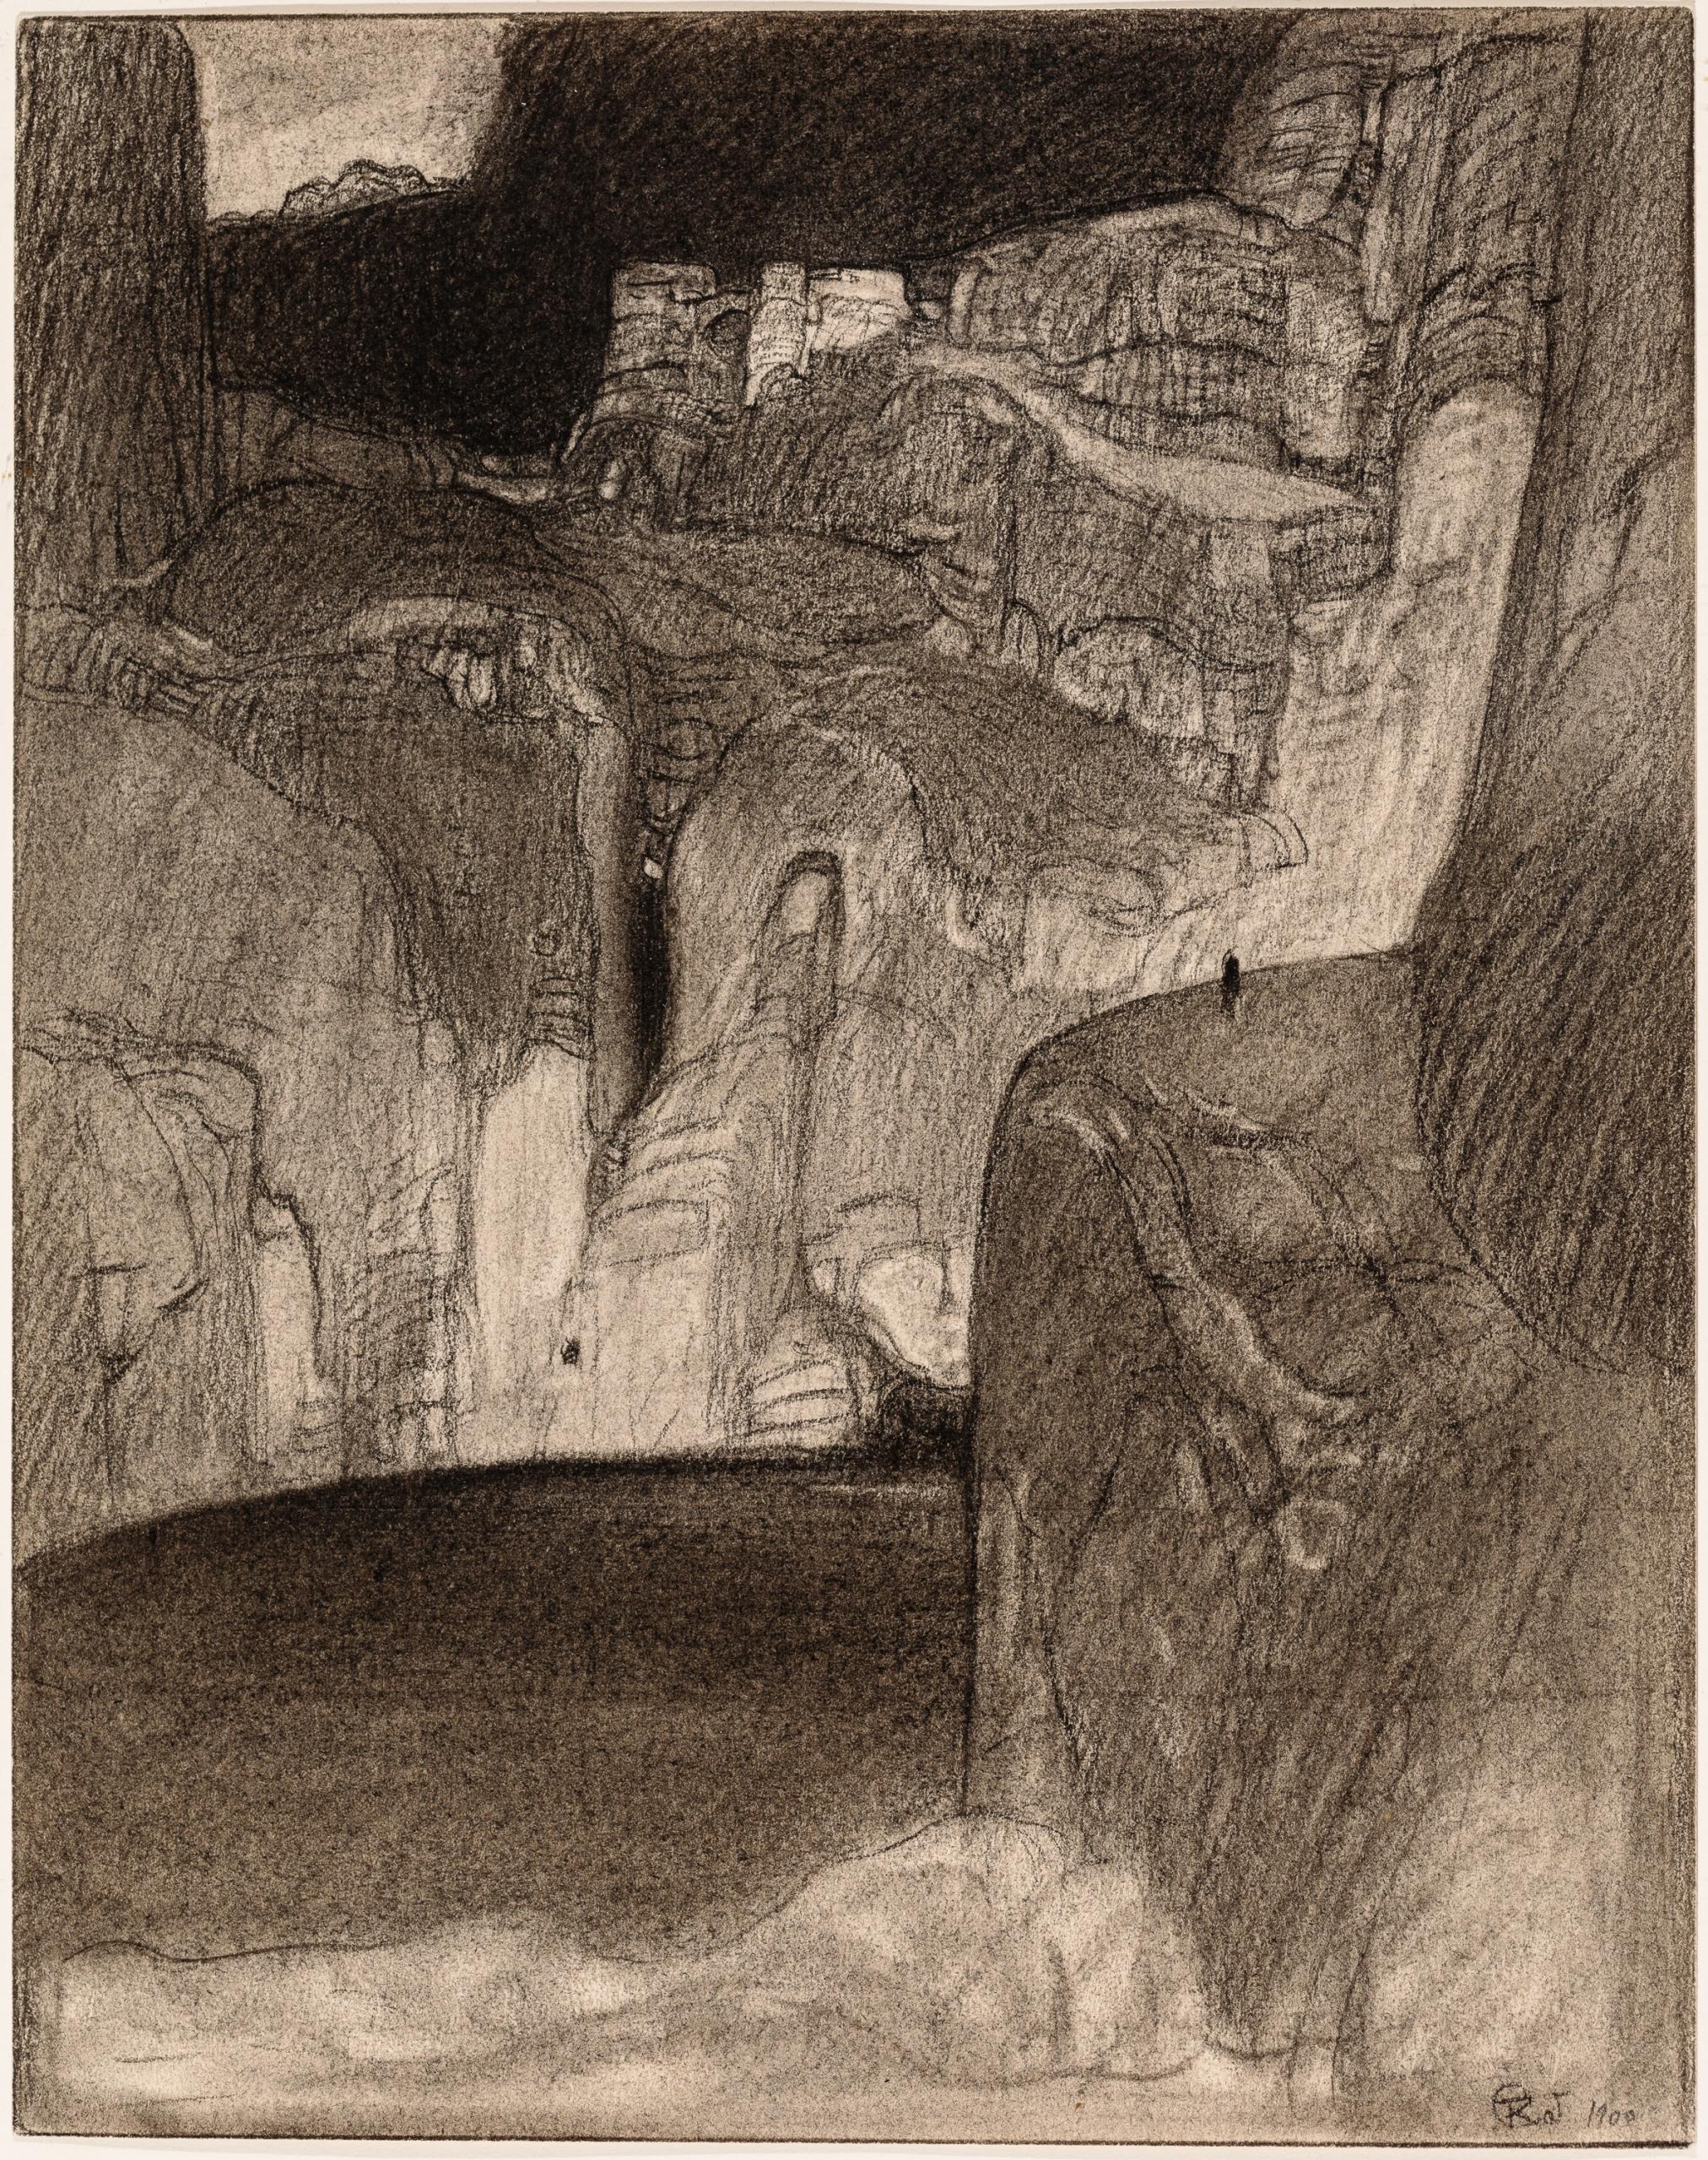 Rudolf Jettmar, Felsenschlucht mit See